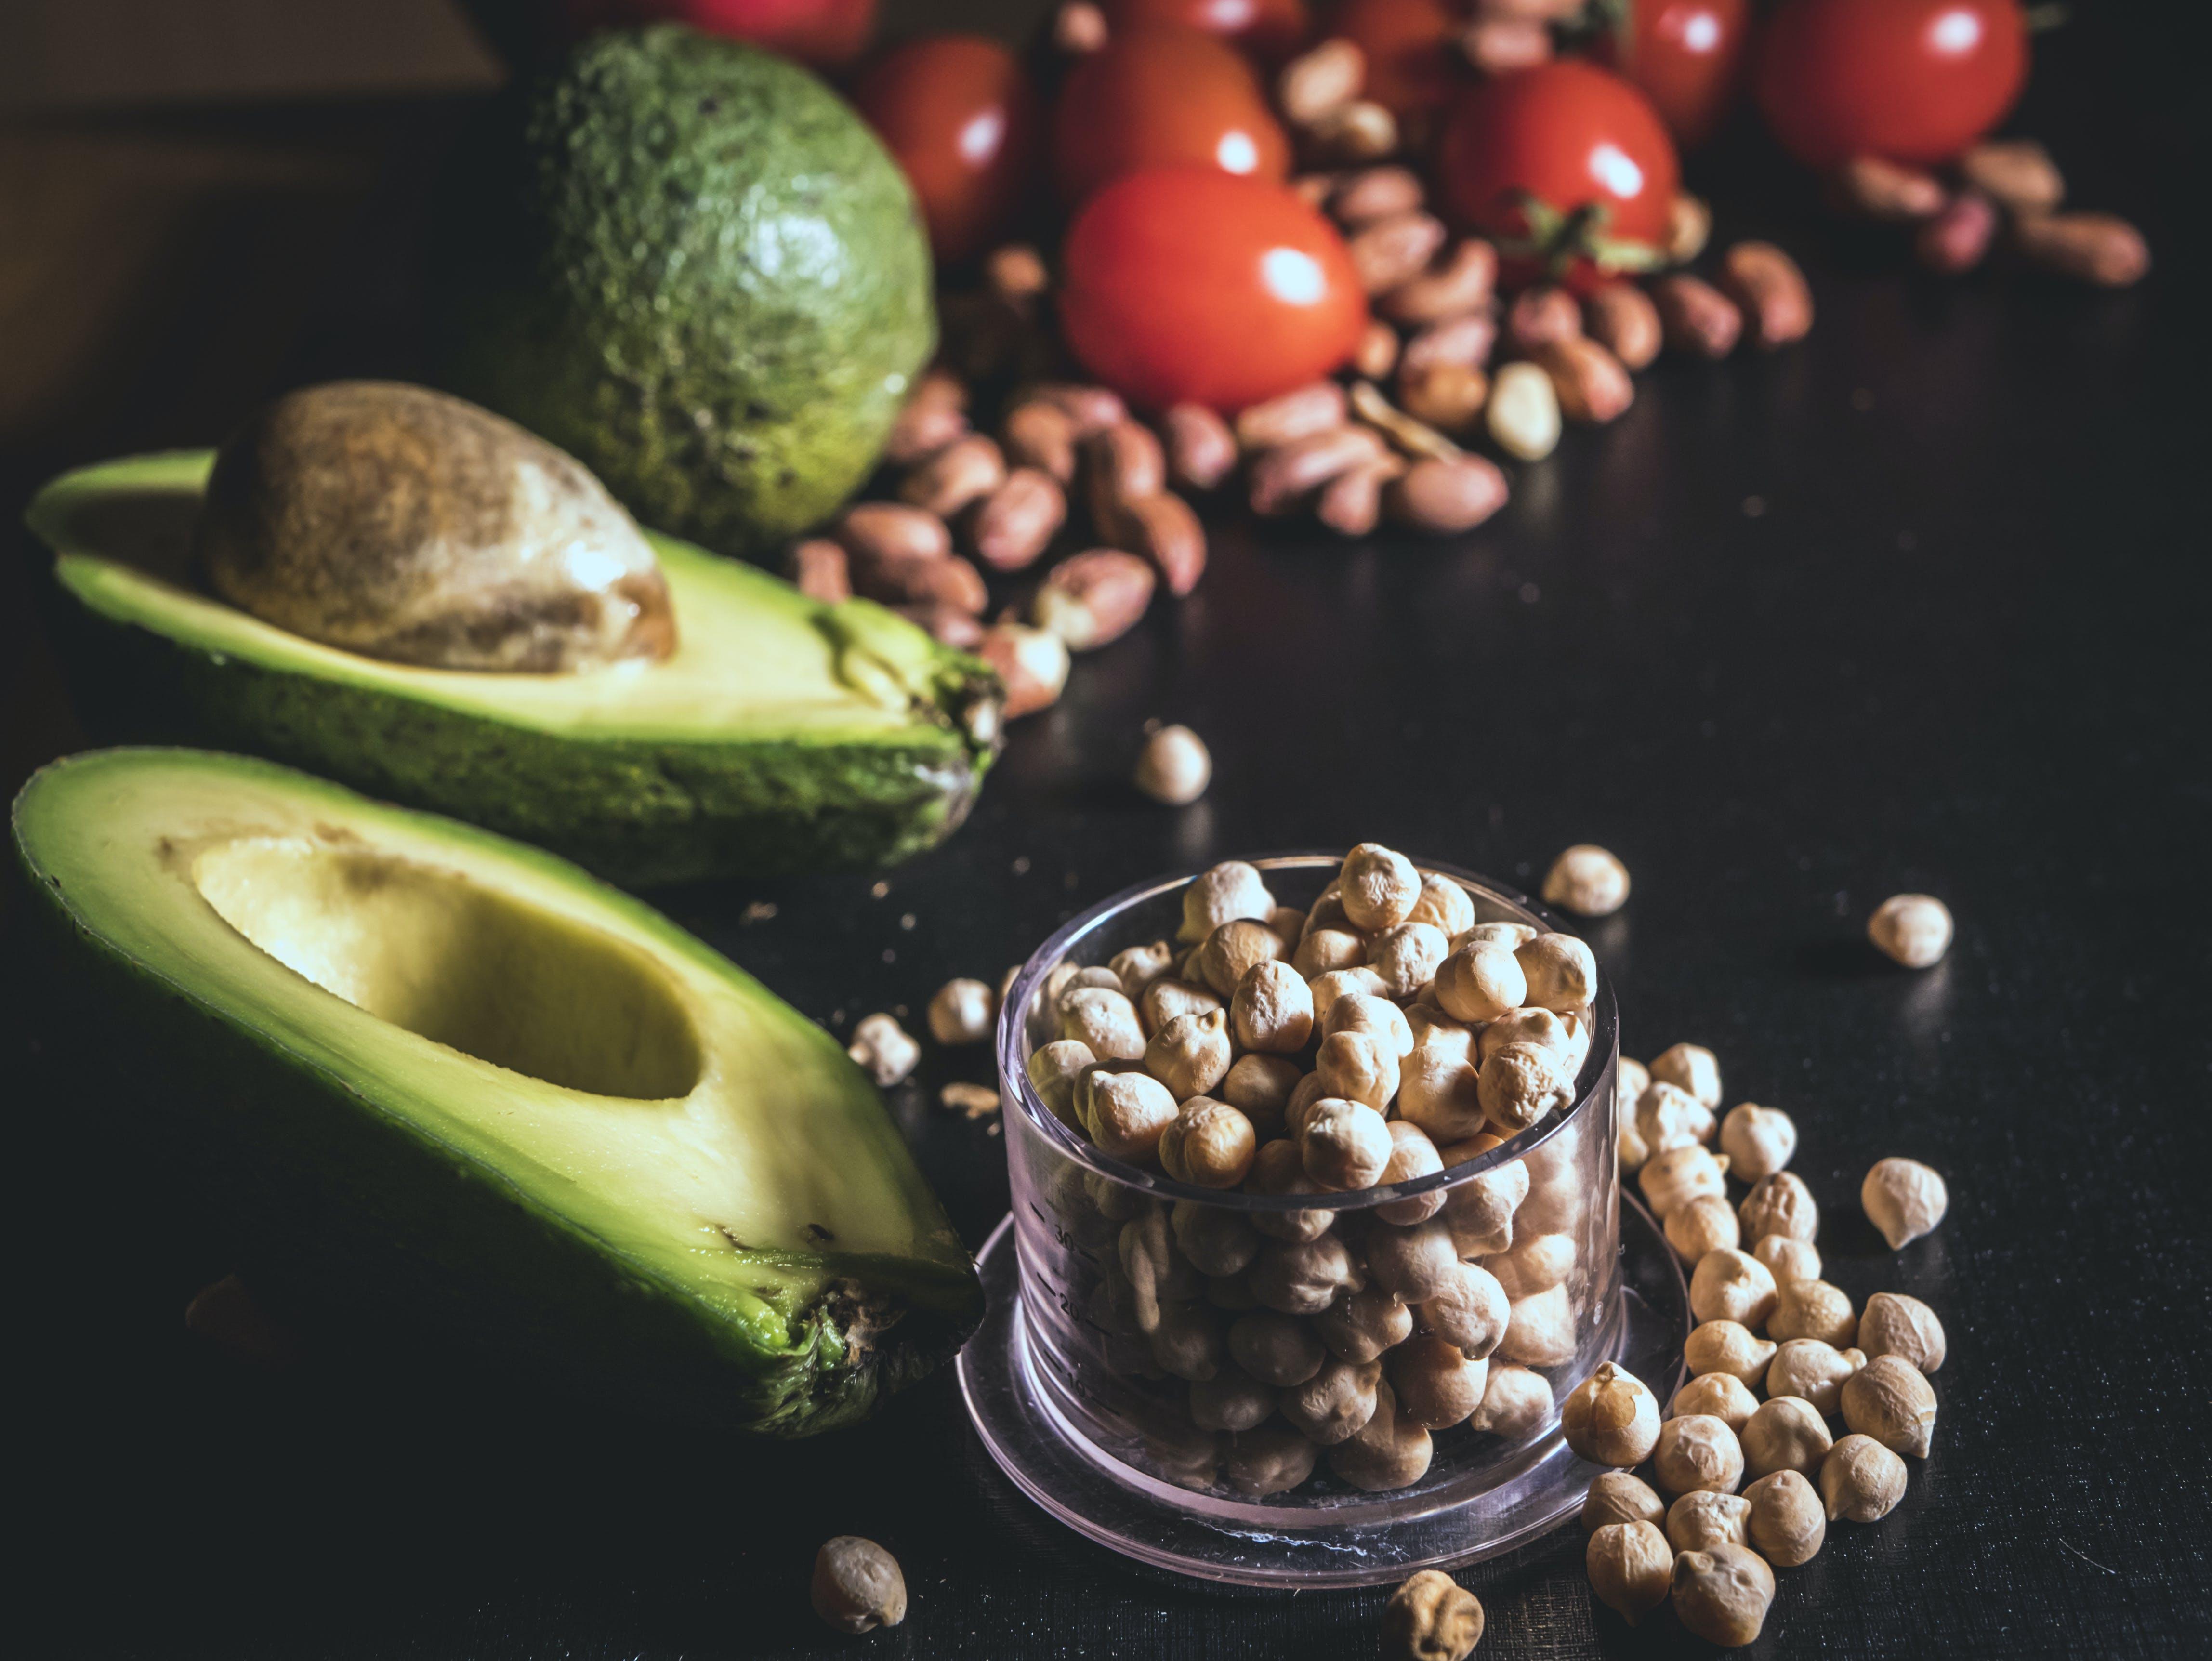 Avocado, Peanuts, and Toamtoes